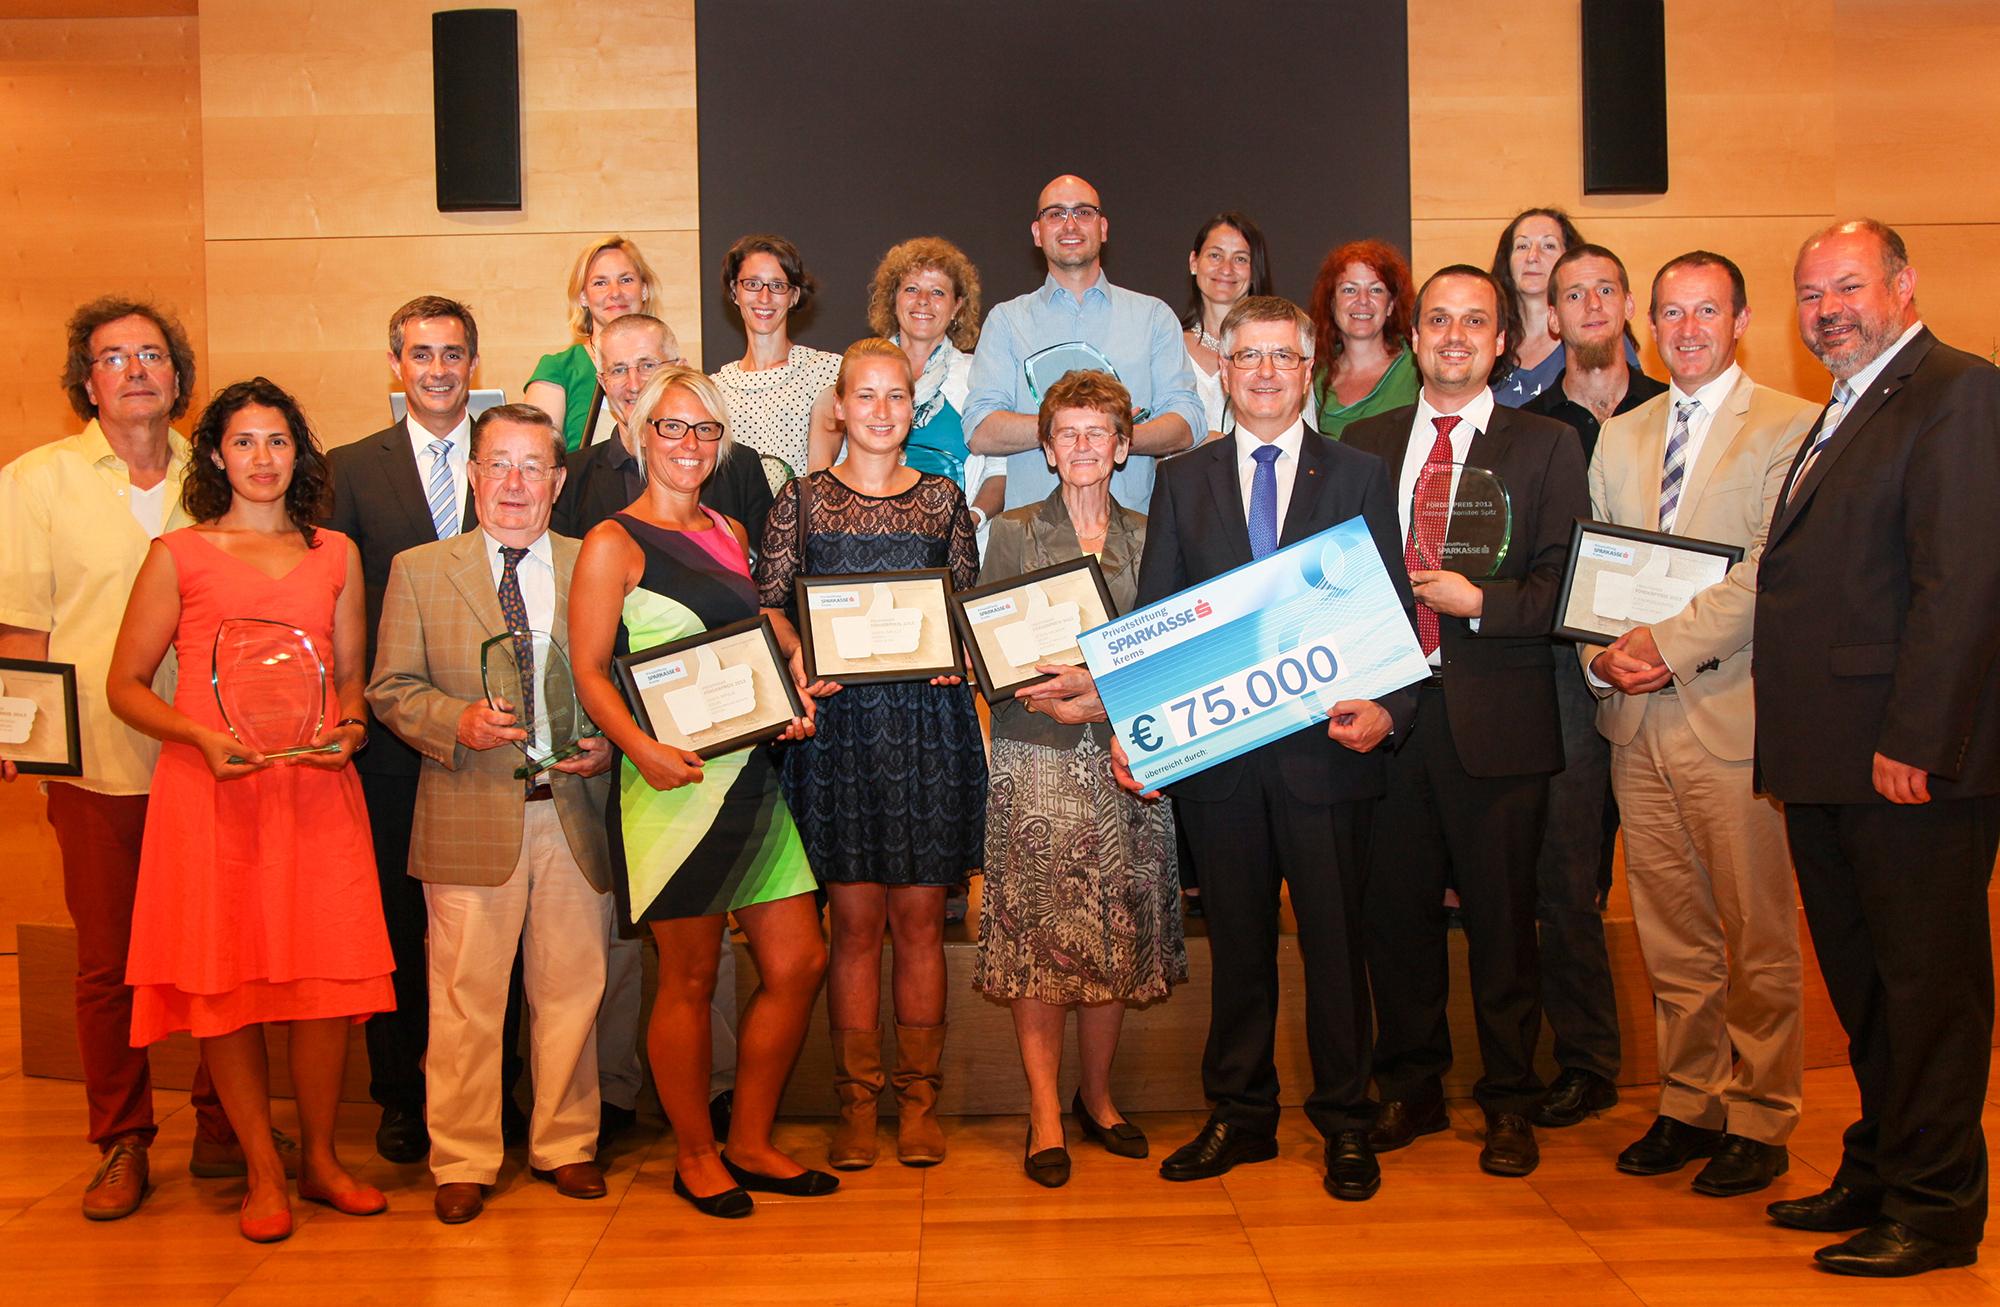 Förderpreis 2013 der Kremser Bank